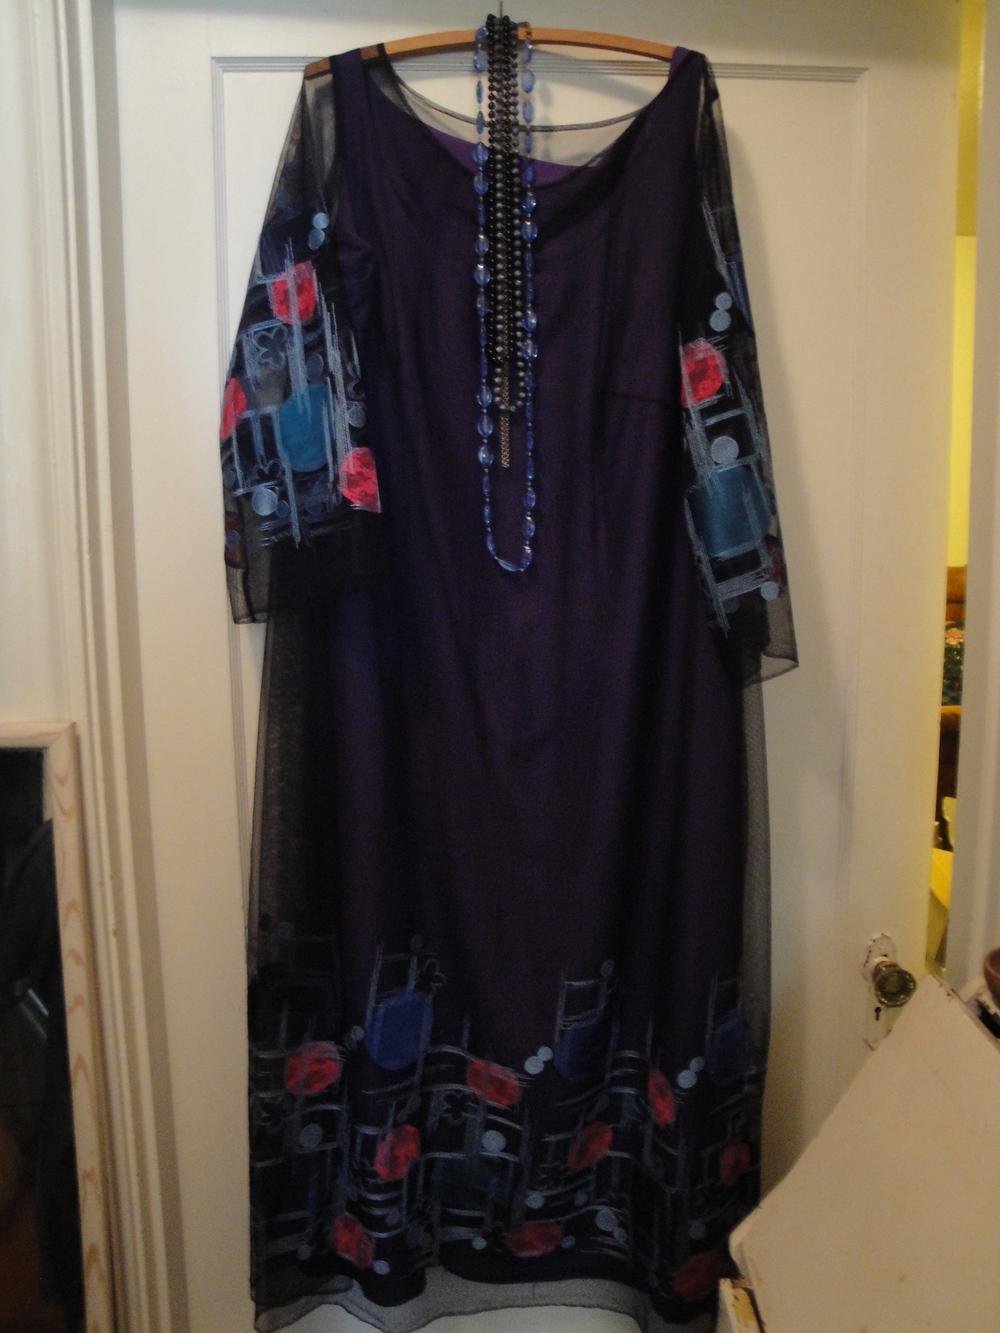 20.dress.jpg